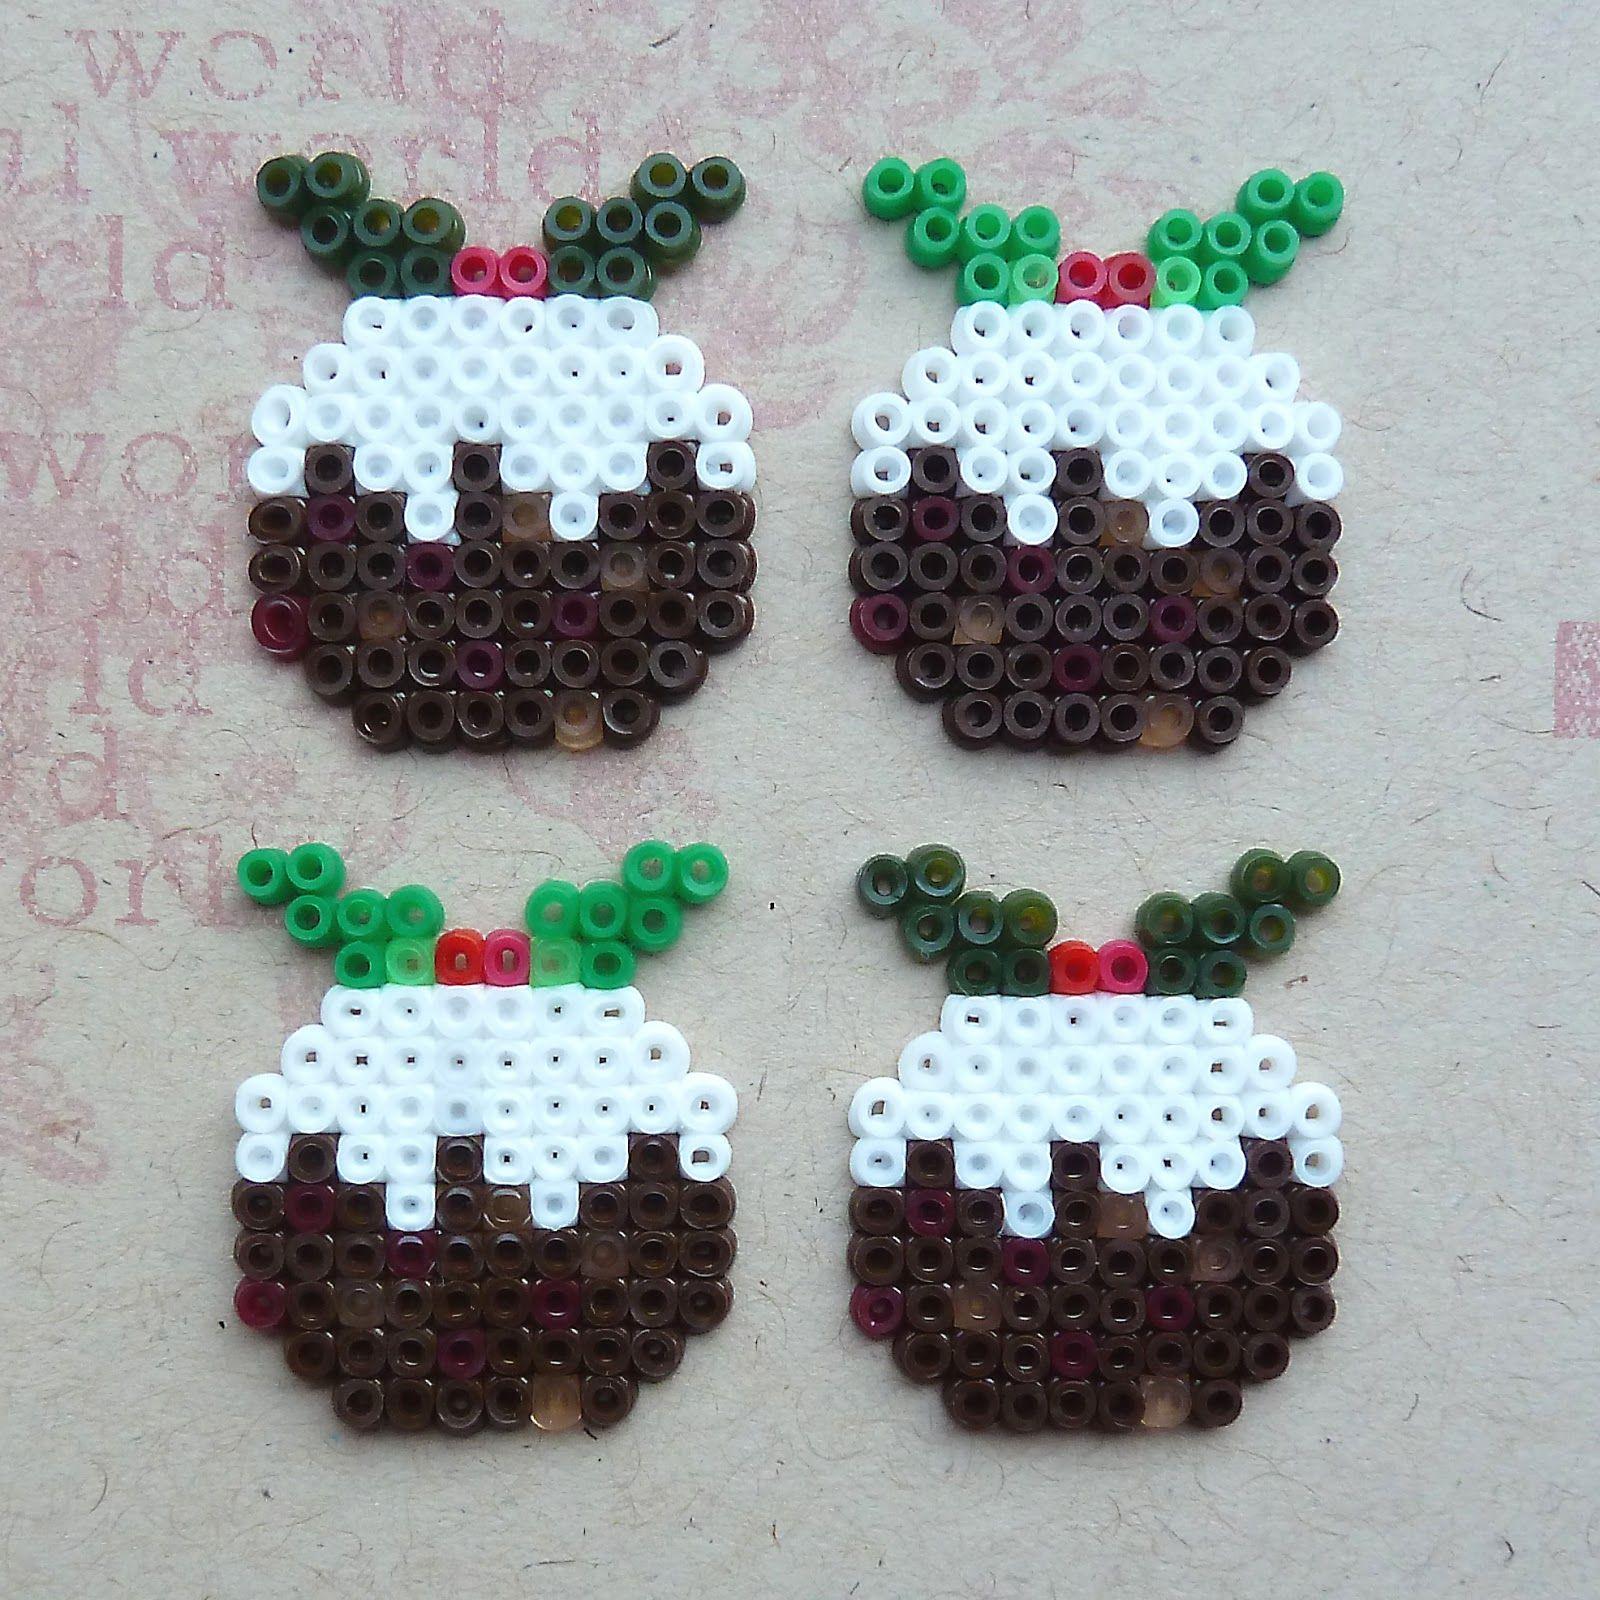 Christmas Hama Beads.All Of Me Hama Bead Christmas Puddings Perla Hama Beads